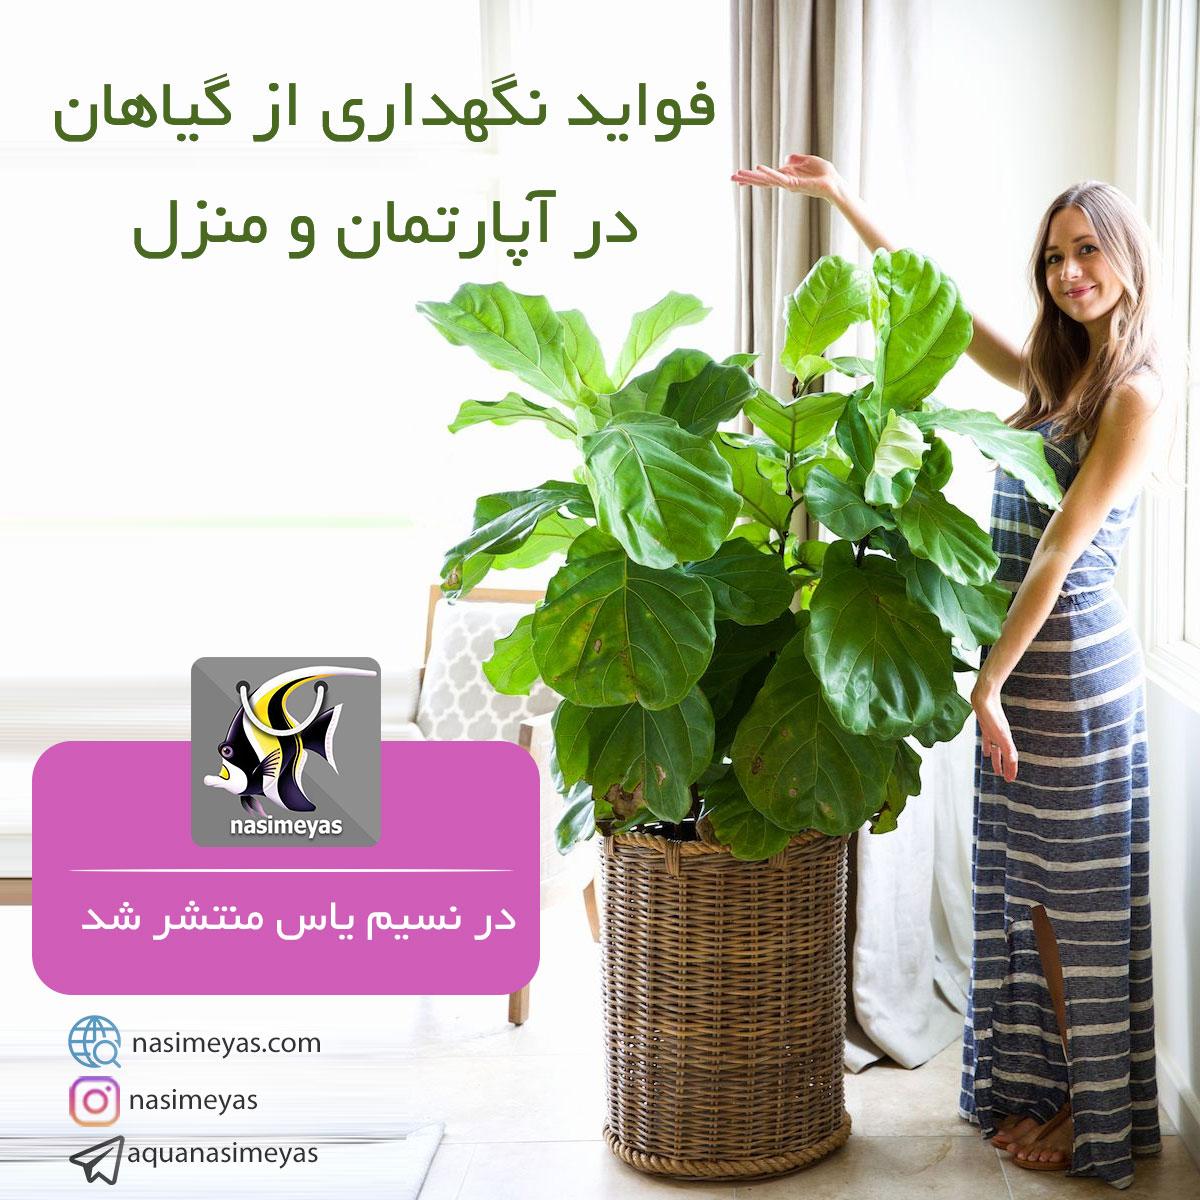 مراقبت از گیاهان هوشمند و نکات آسان نگهداری